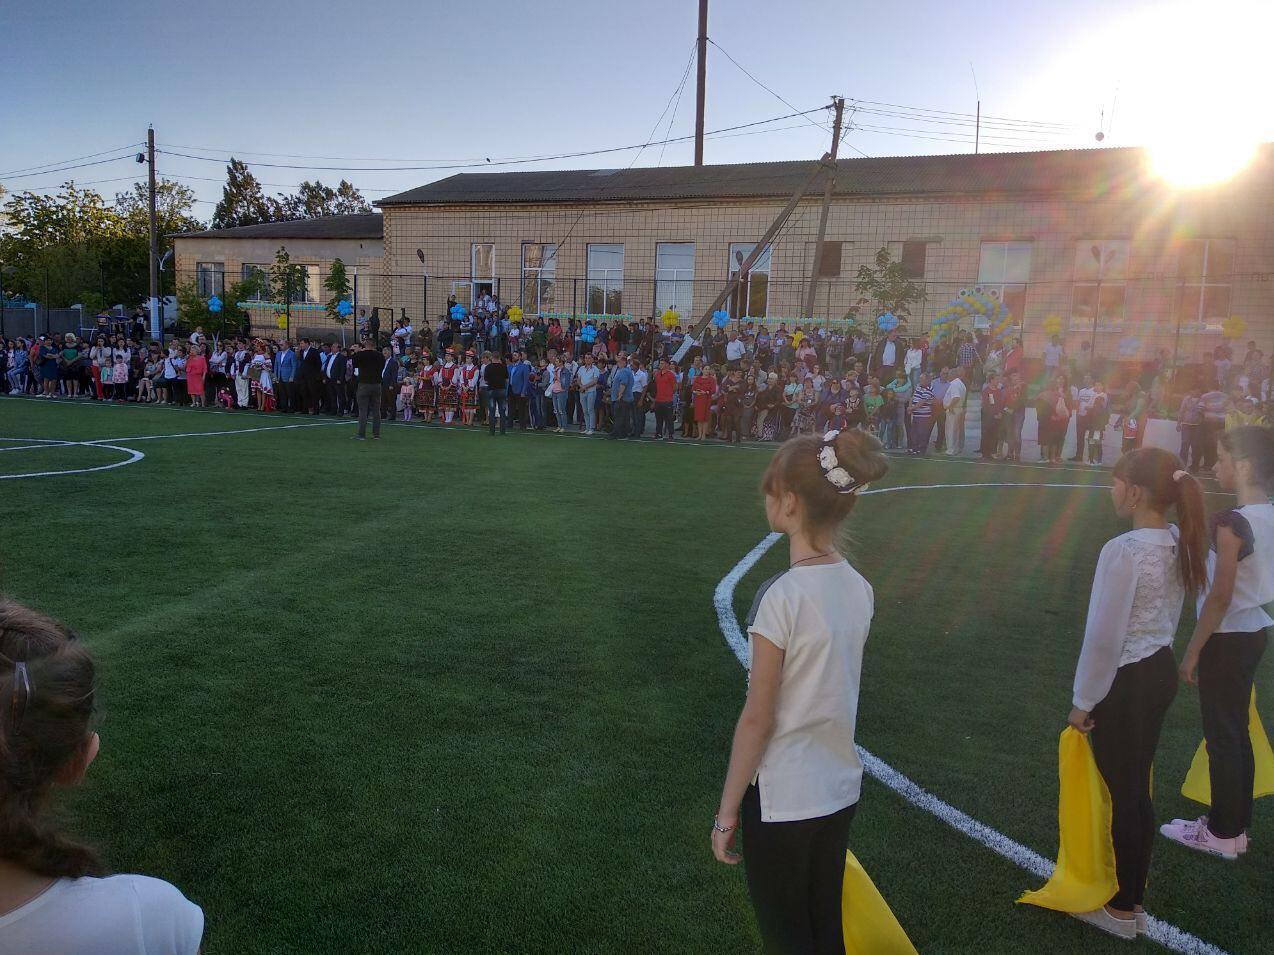 В селе Арцизского района открылся современный мини-стадион с искусственным покрытием